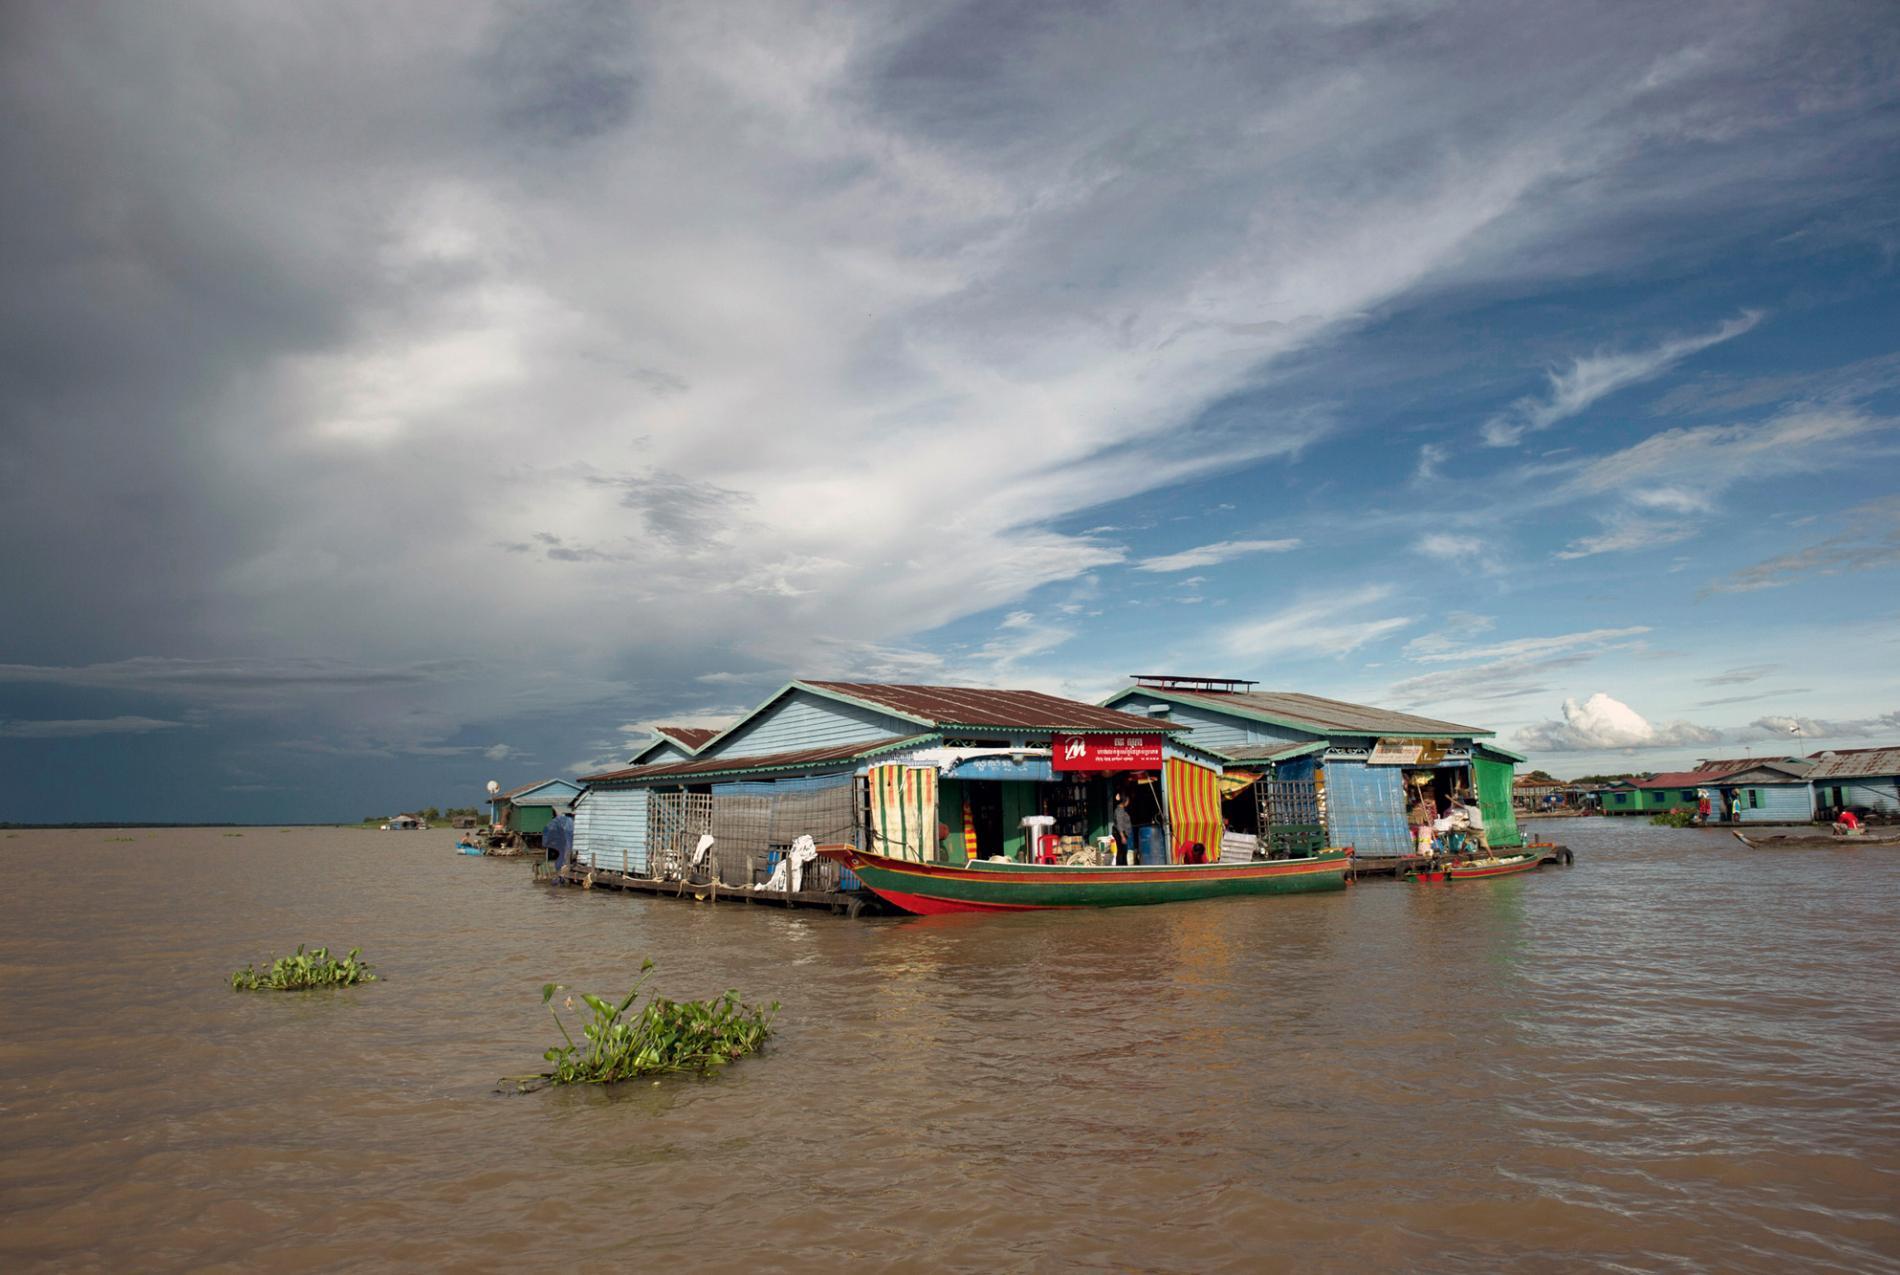 Voyage solidaire Cambodge : Vision du Monde - Photo 5